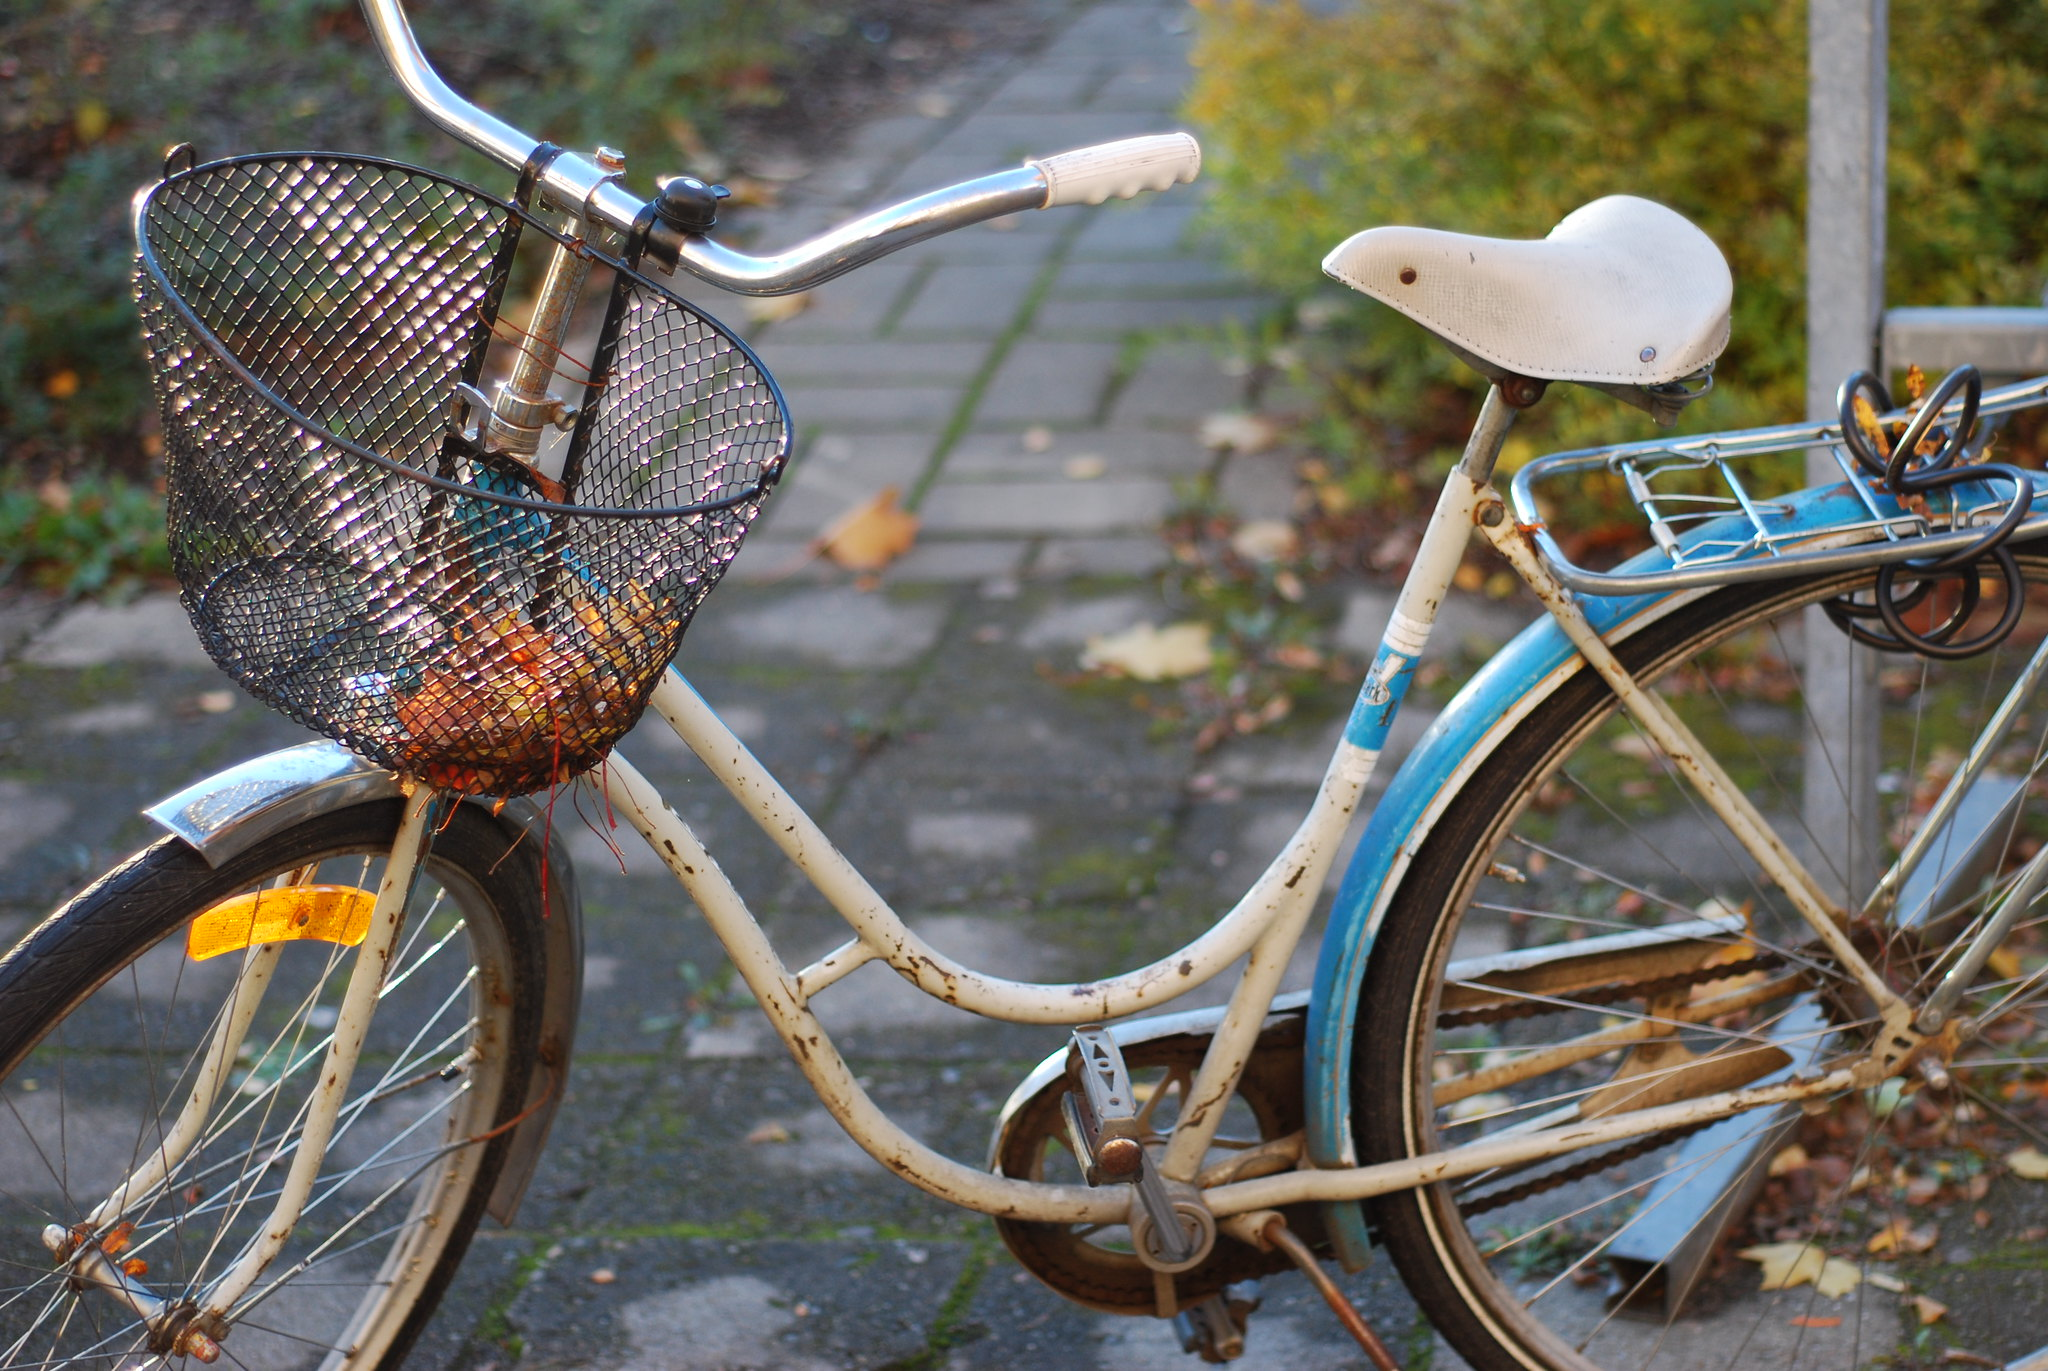 cykel-iv_10190905185_o